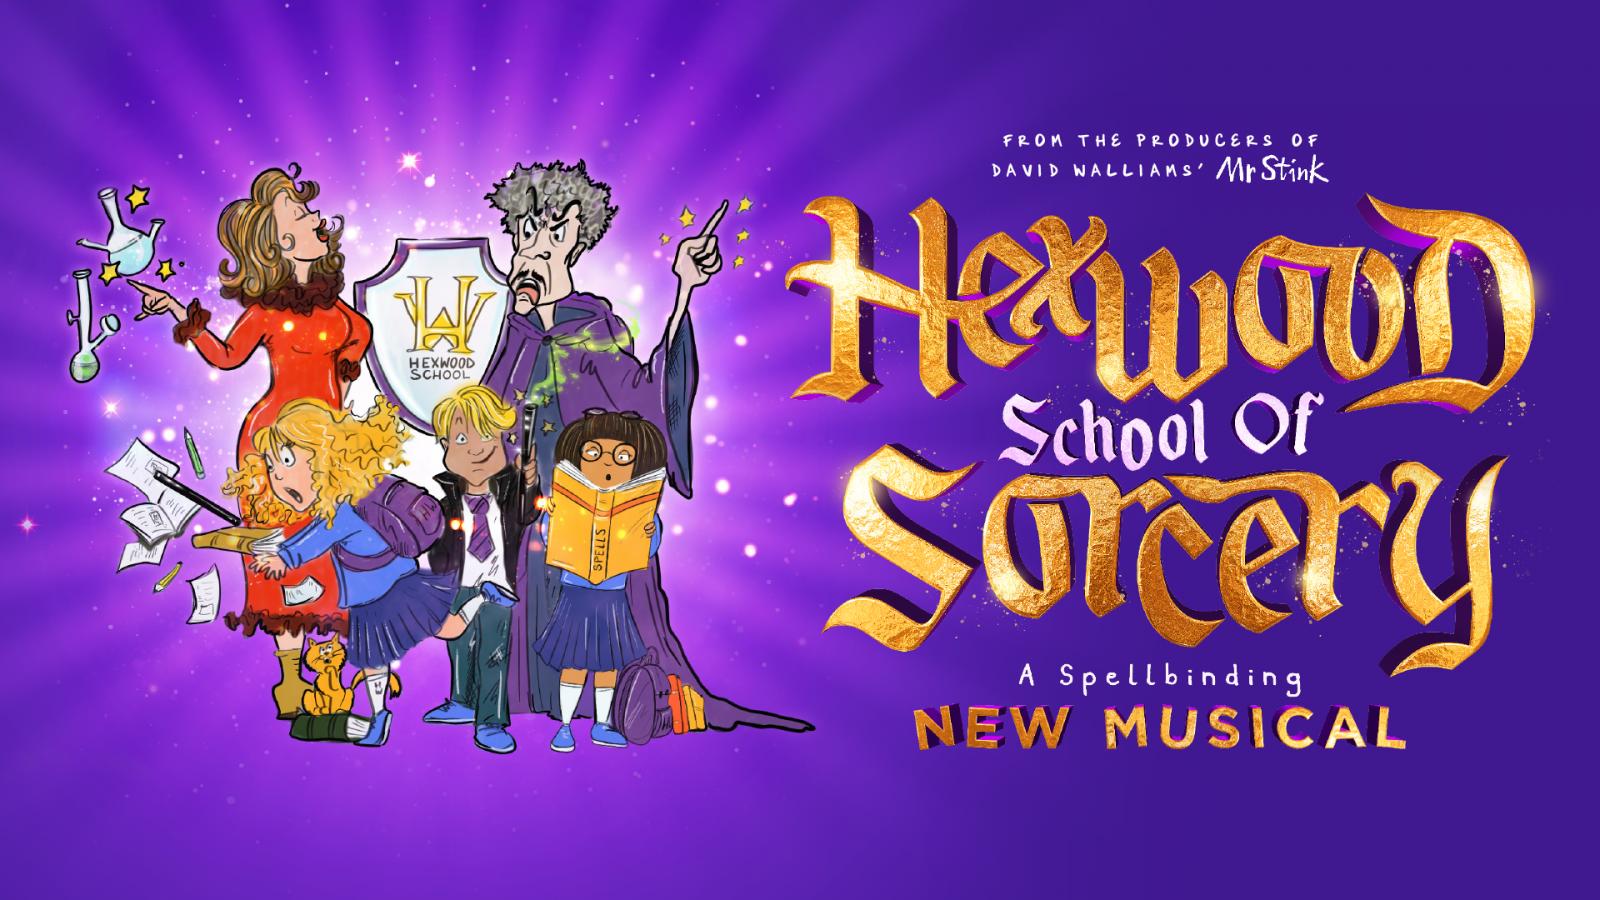 Hexwood School of Sorcery